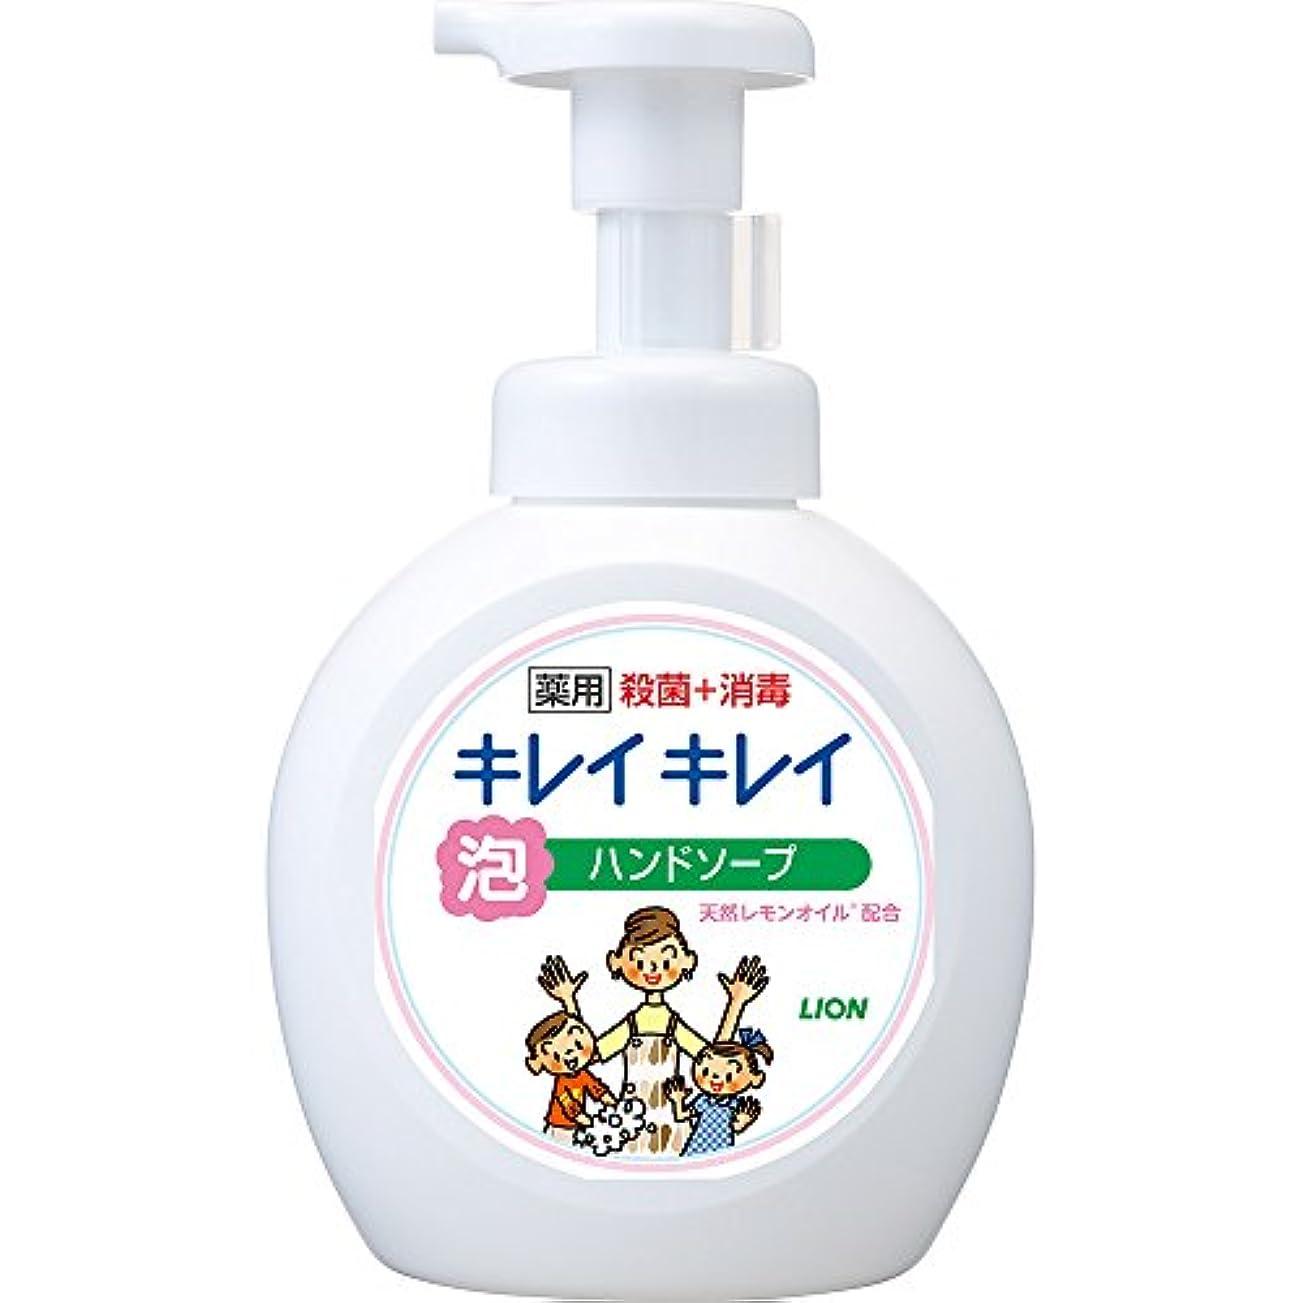 マトロン小麦粉財政キレイキレイ 薬用 泡ハンドソープ シトラスフルーティの香り 本体ポンプ 大型サイズ 500ml(医薬部外品)